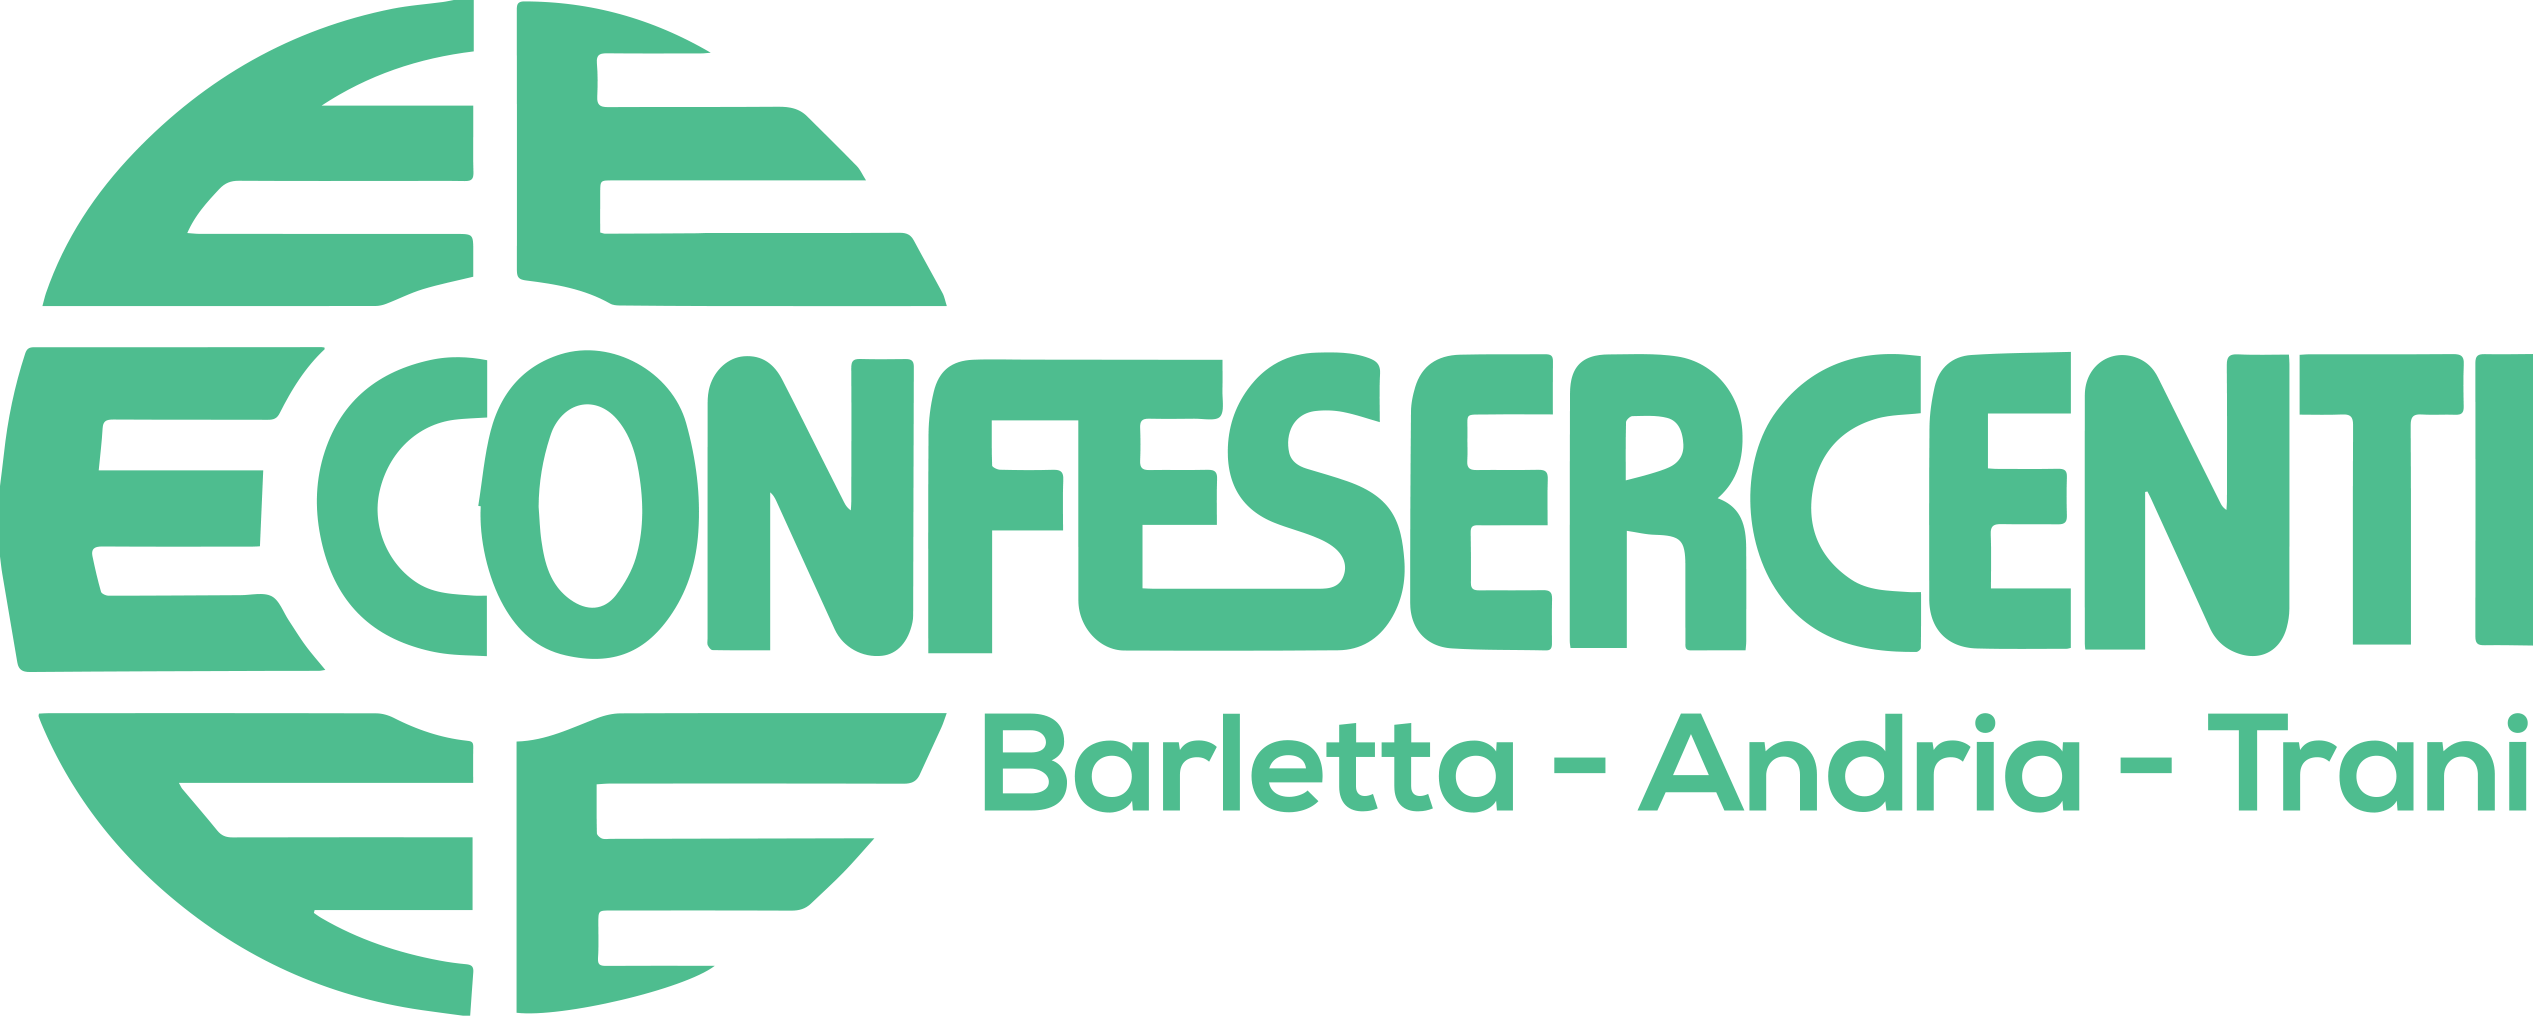 Confesercenti logo file vettoriale